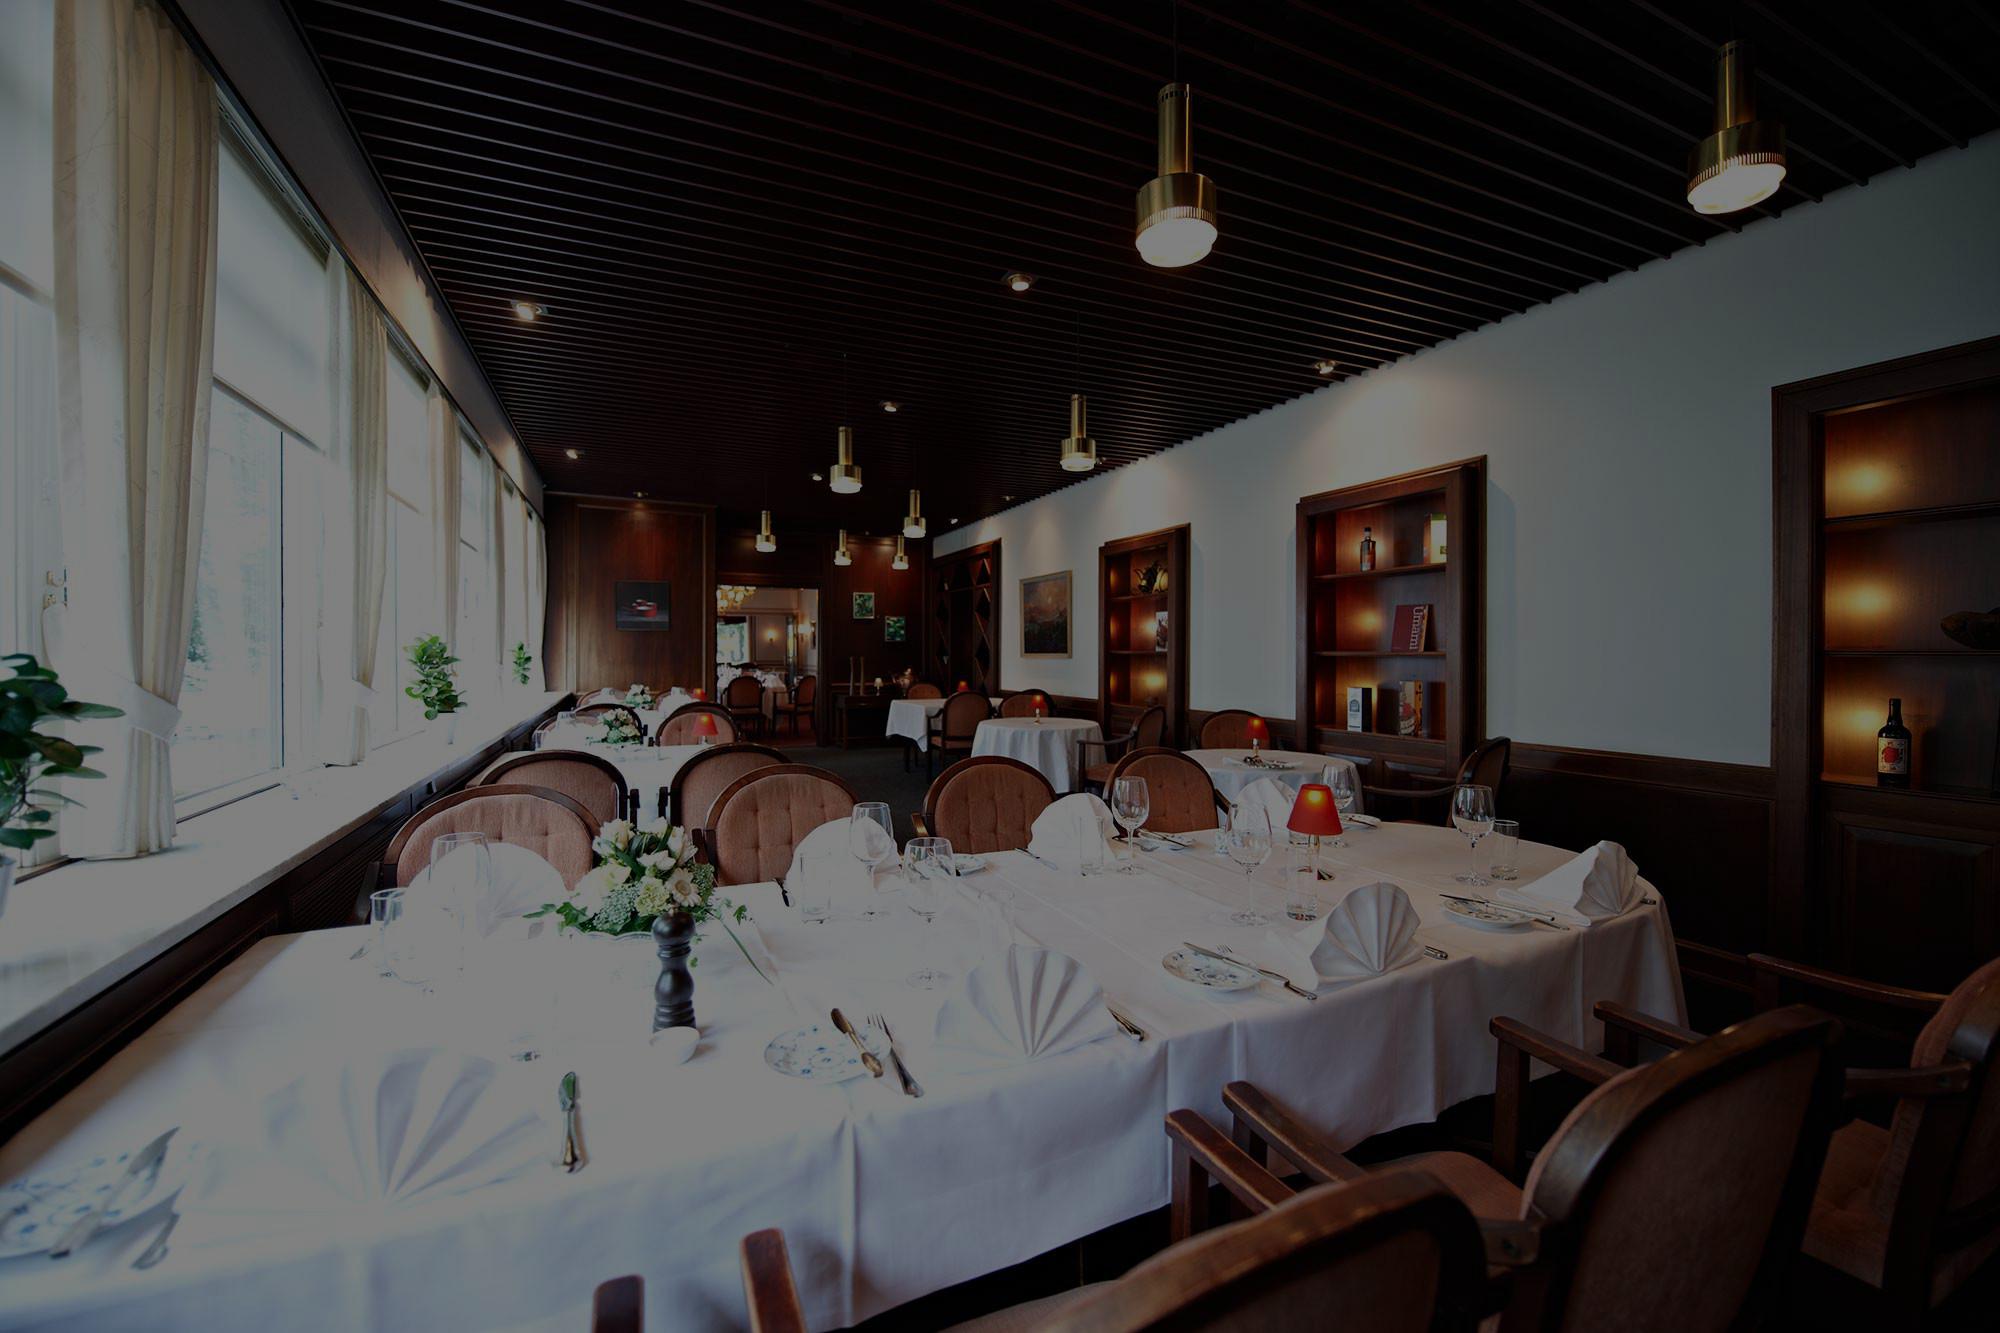 Restauranten selskabslokale i Odense - Næsbyhoved Skov